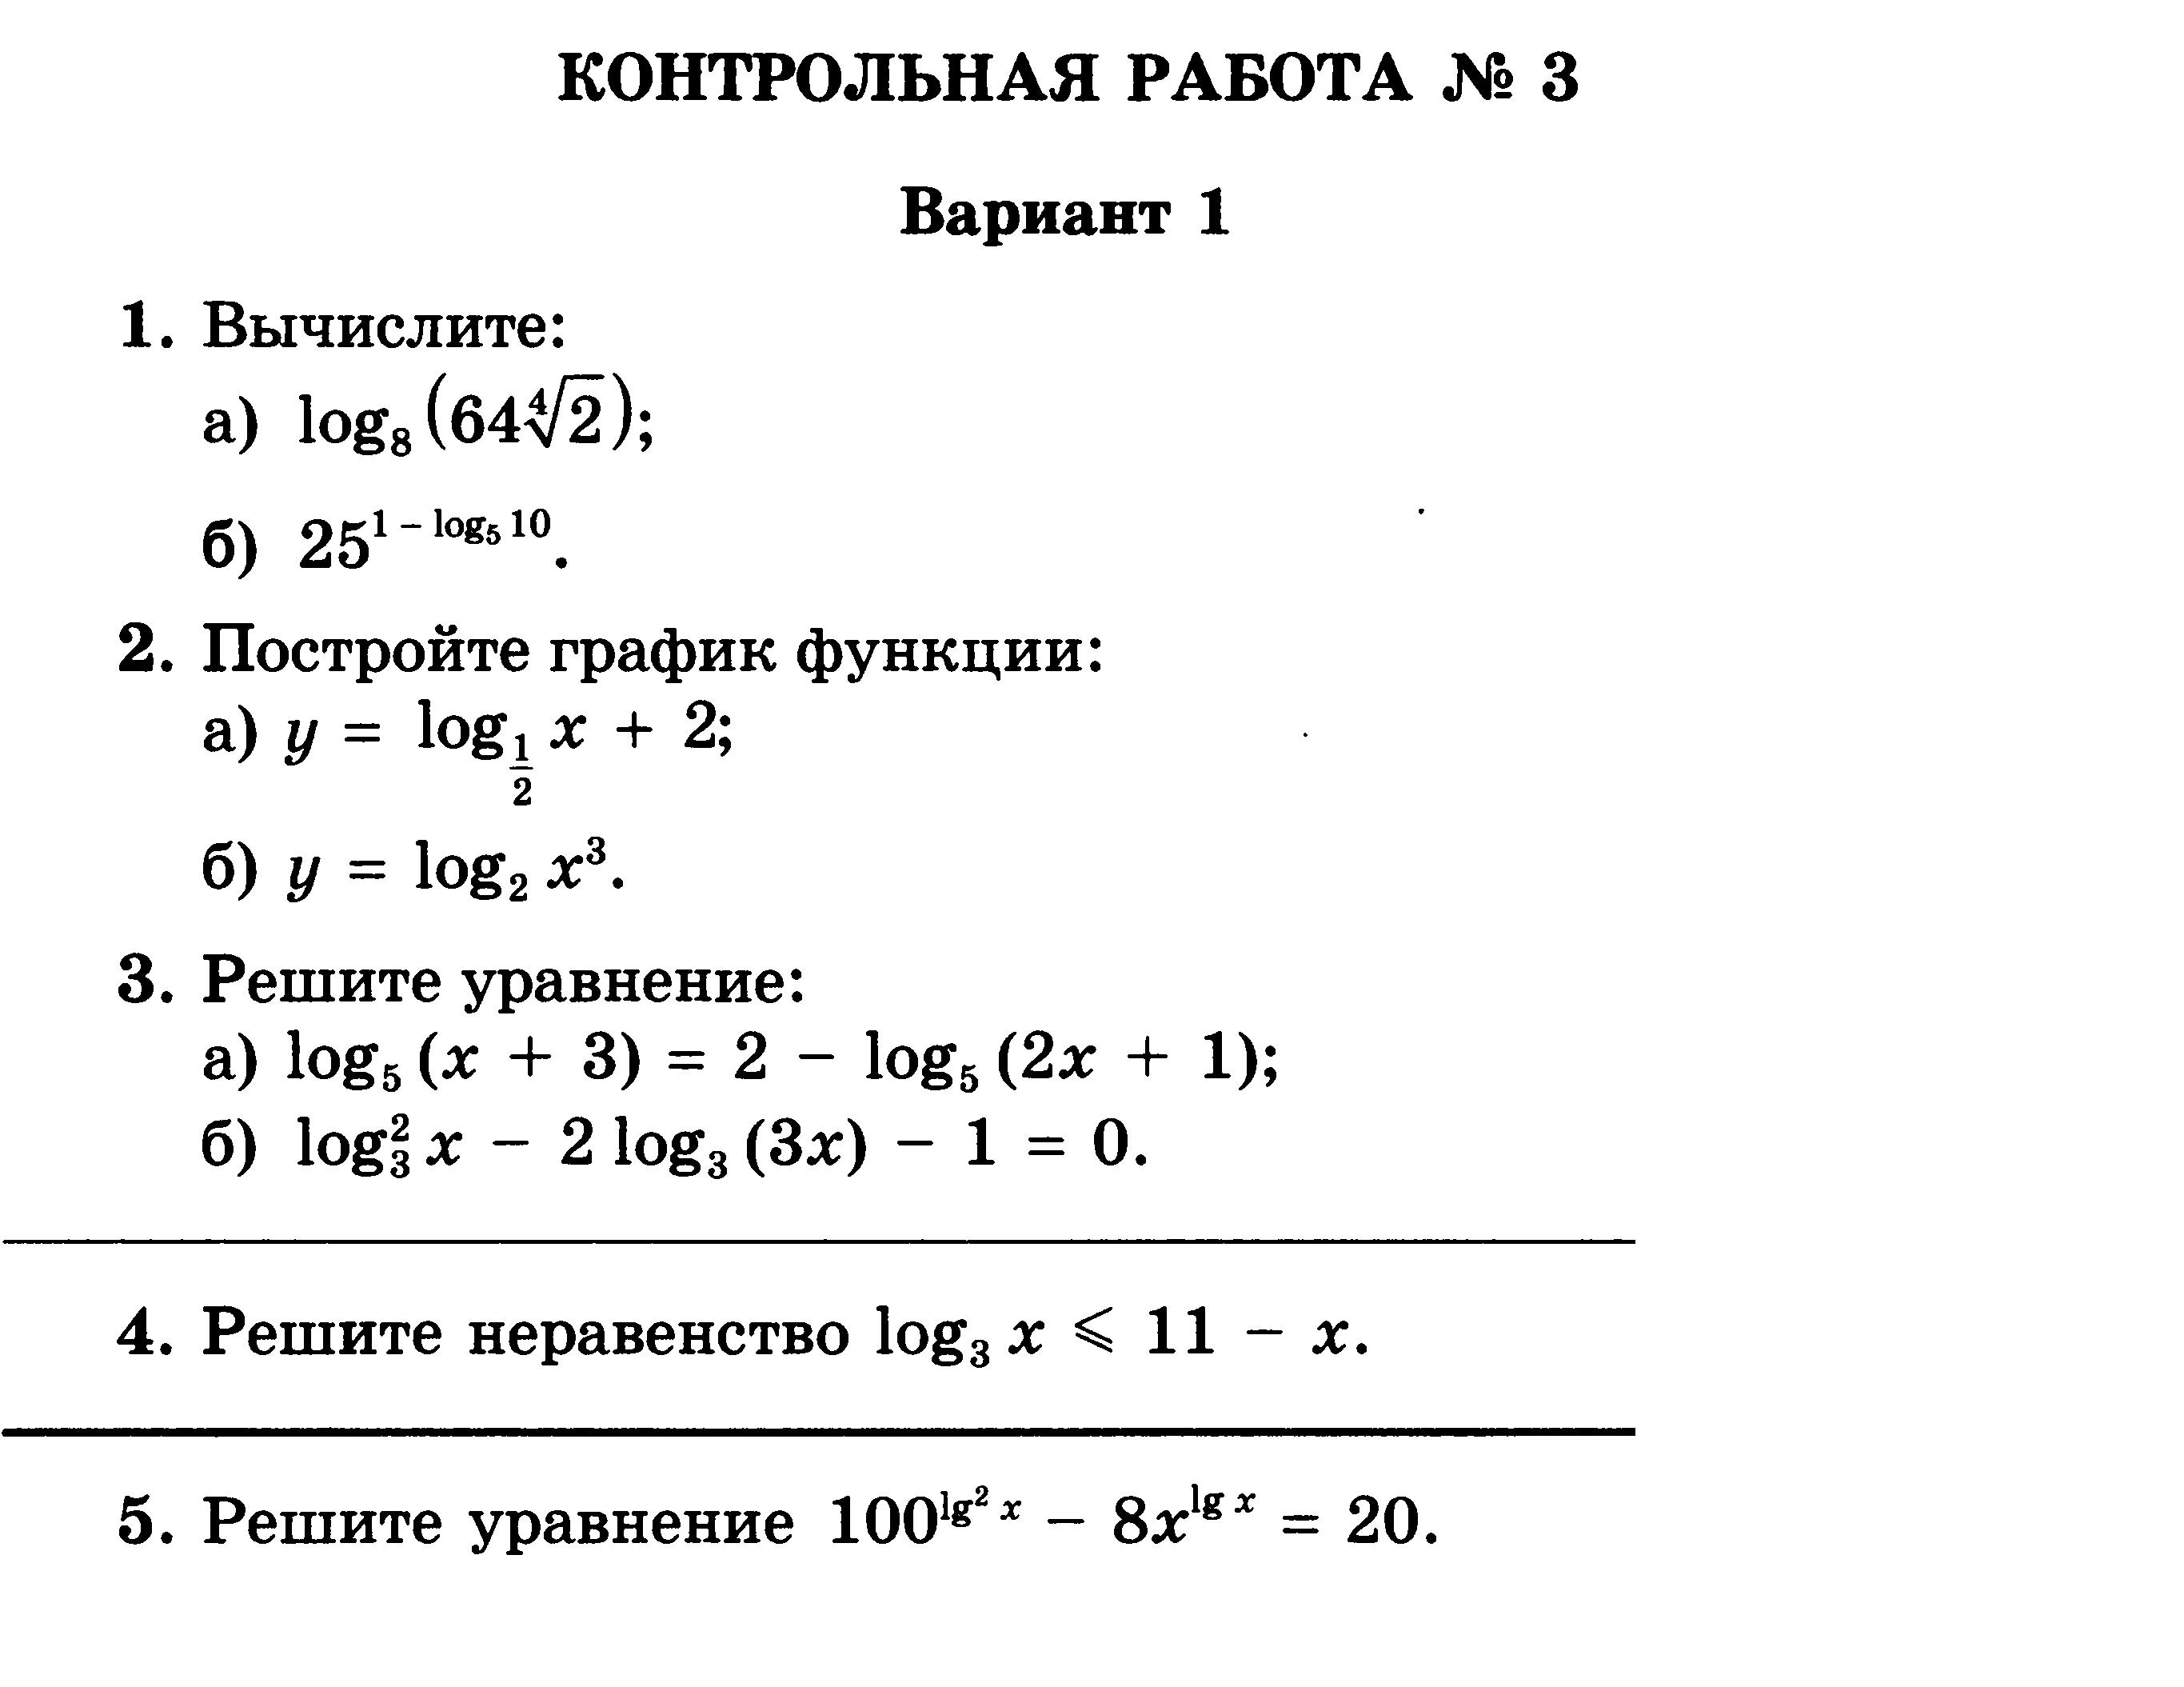 решебник функциям 10 контрольная по логарифмическим фото класс